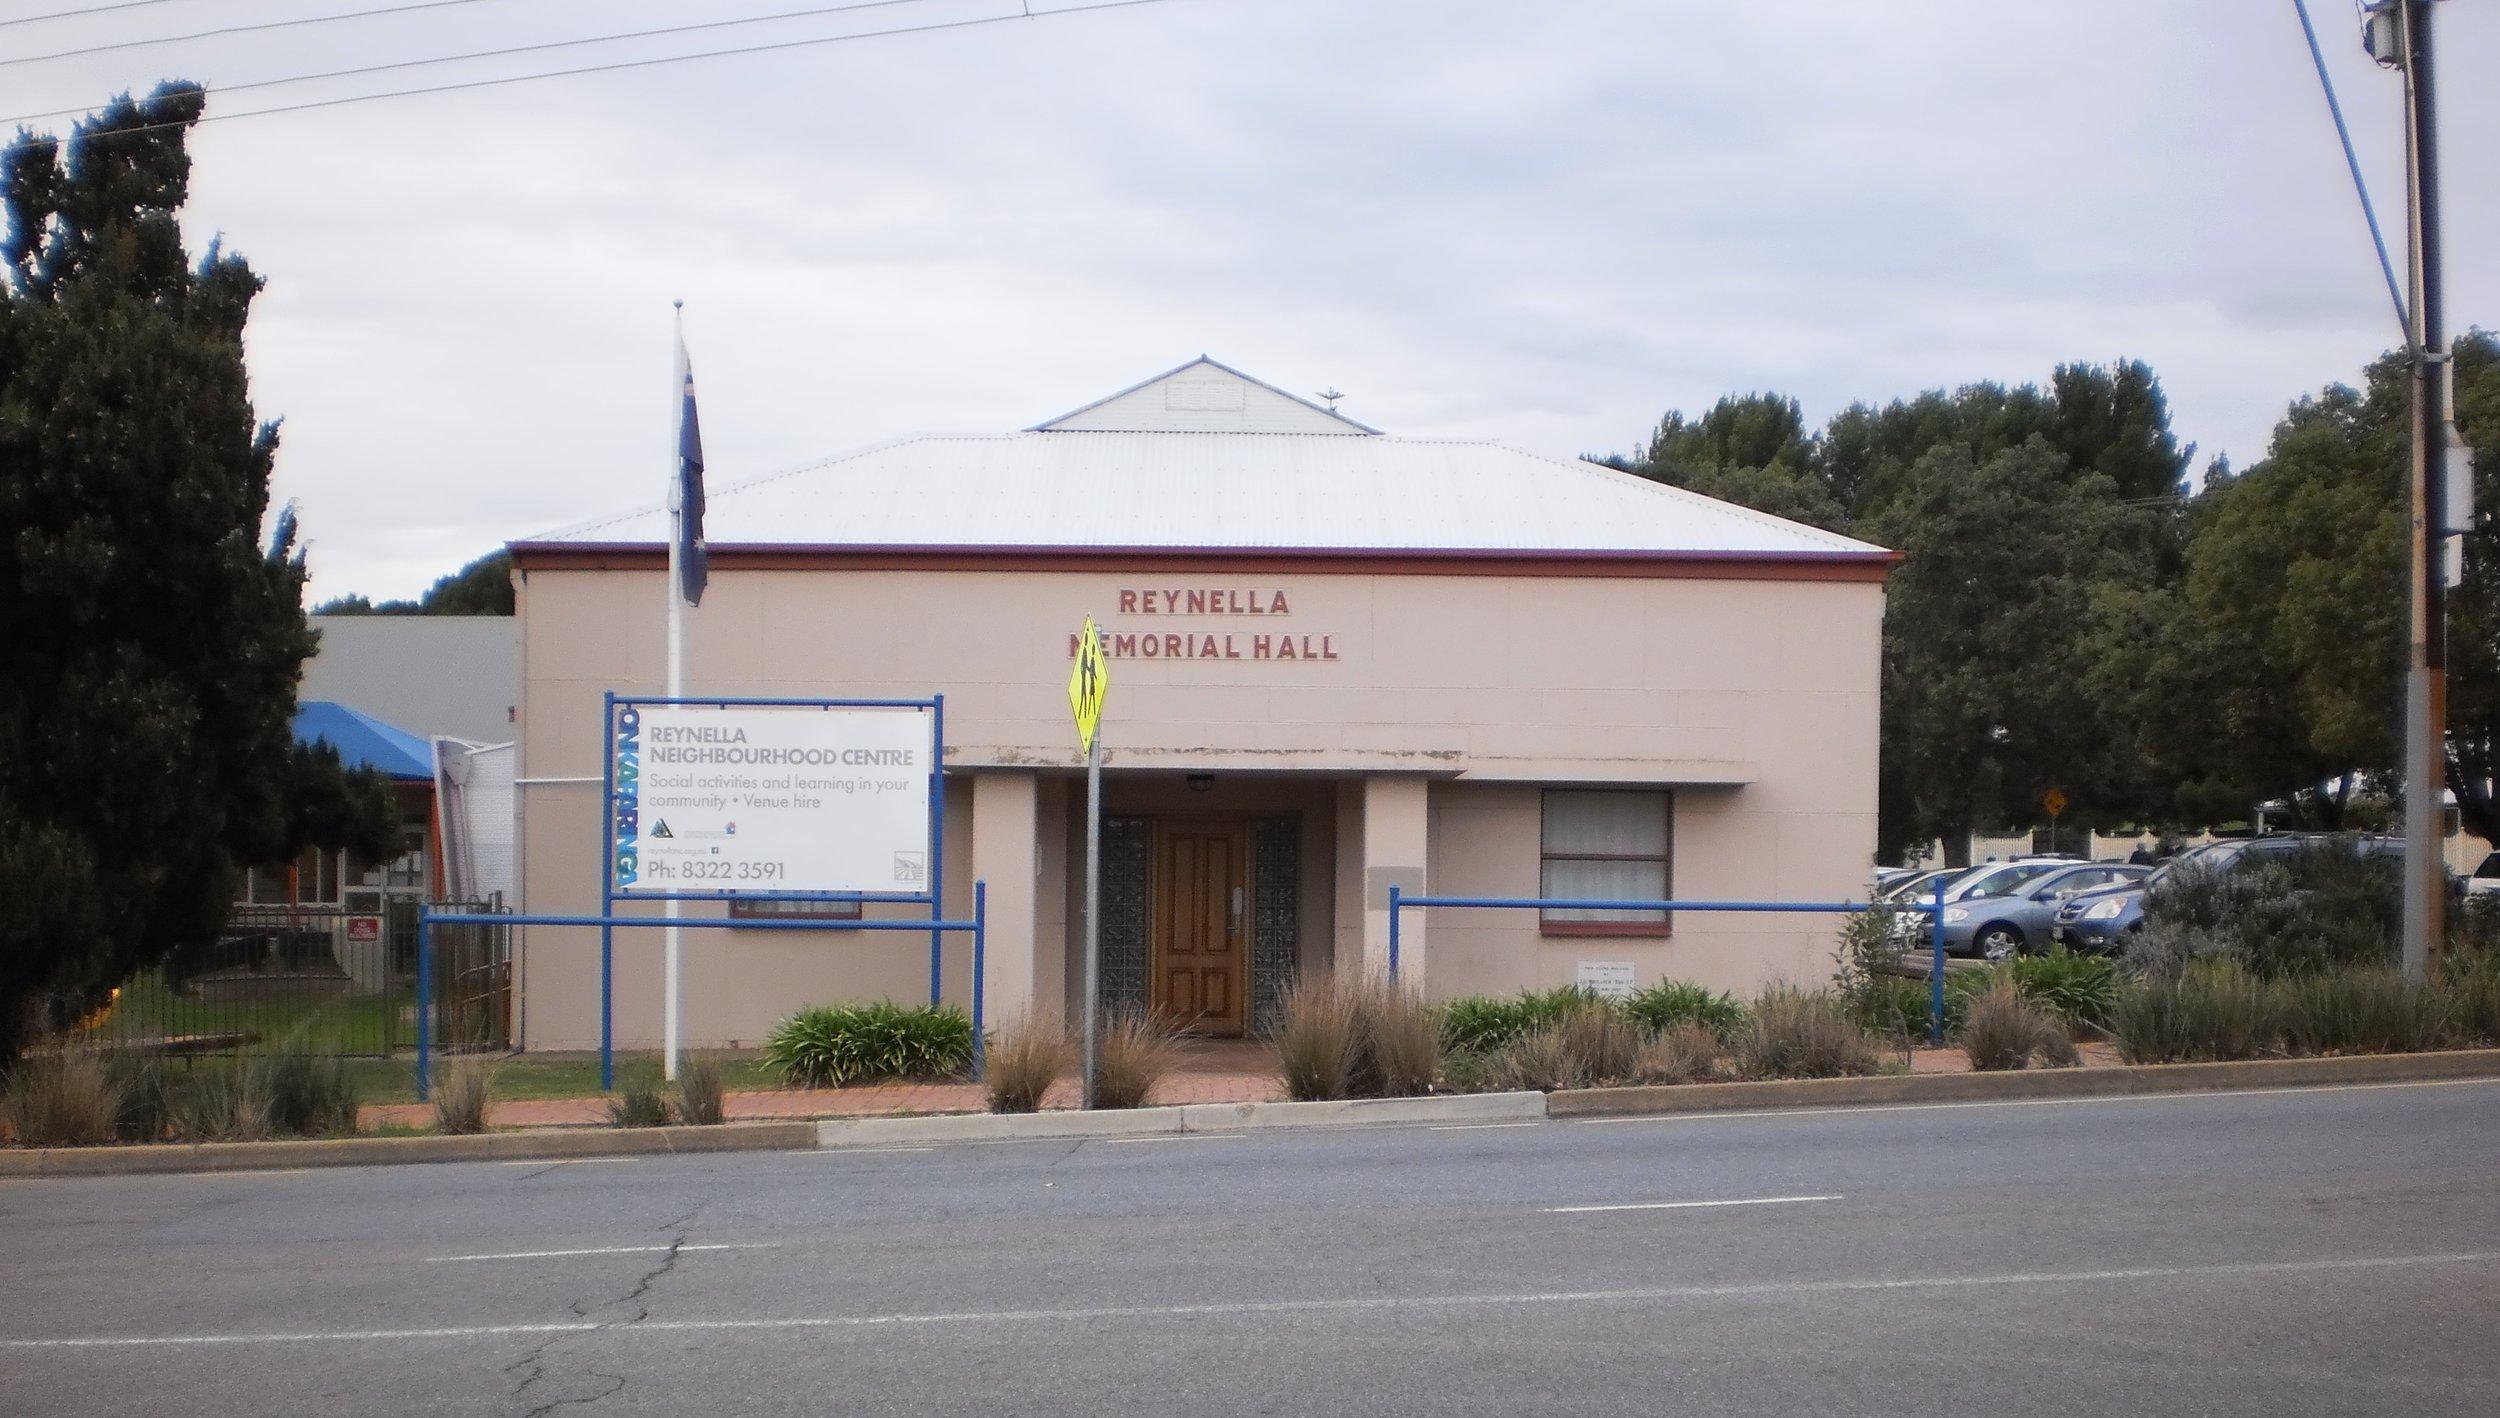 Old Reynella Neighbourhood Centre, Old Reynella